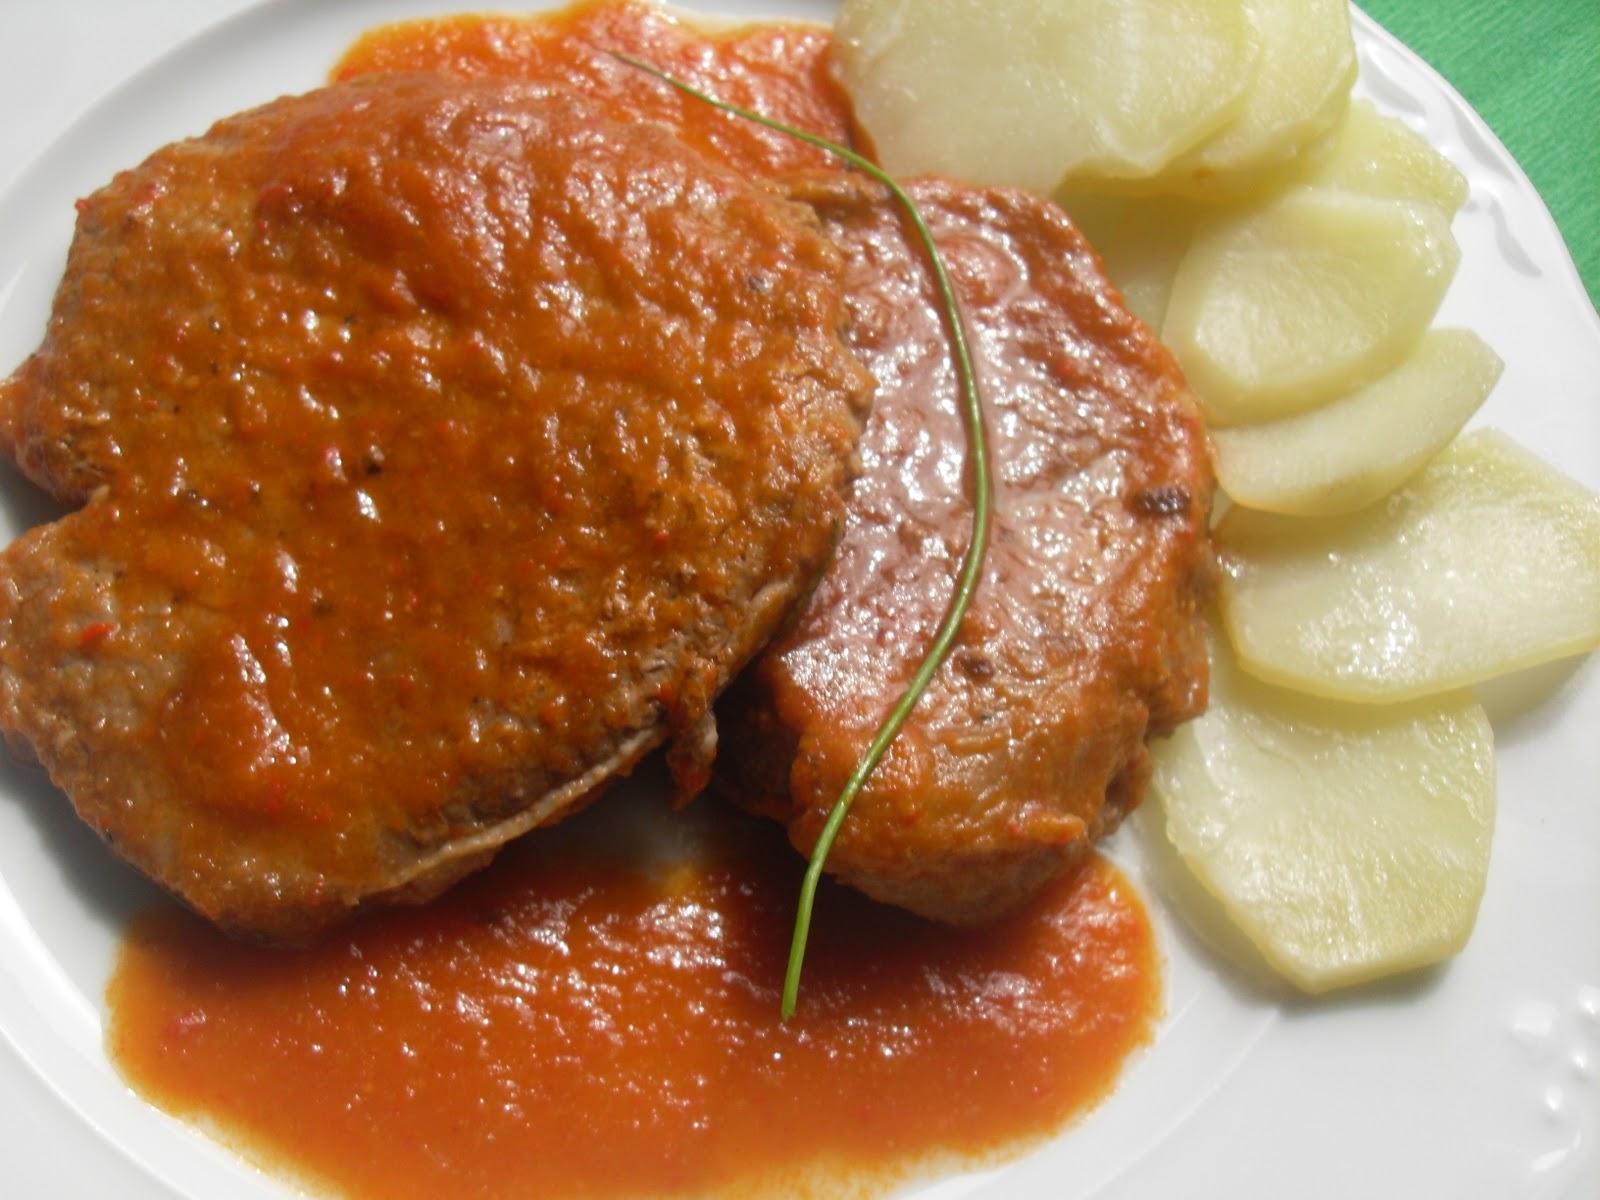 Filetes de ternera en salsa thermomix - Filetes de ternera en salsa de cebolla ...